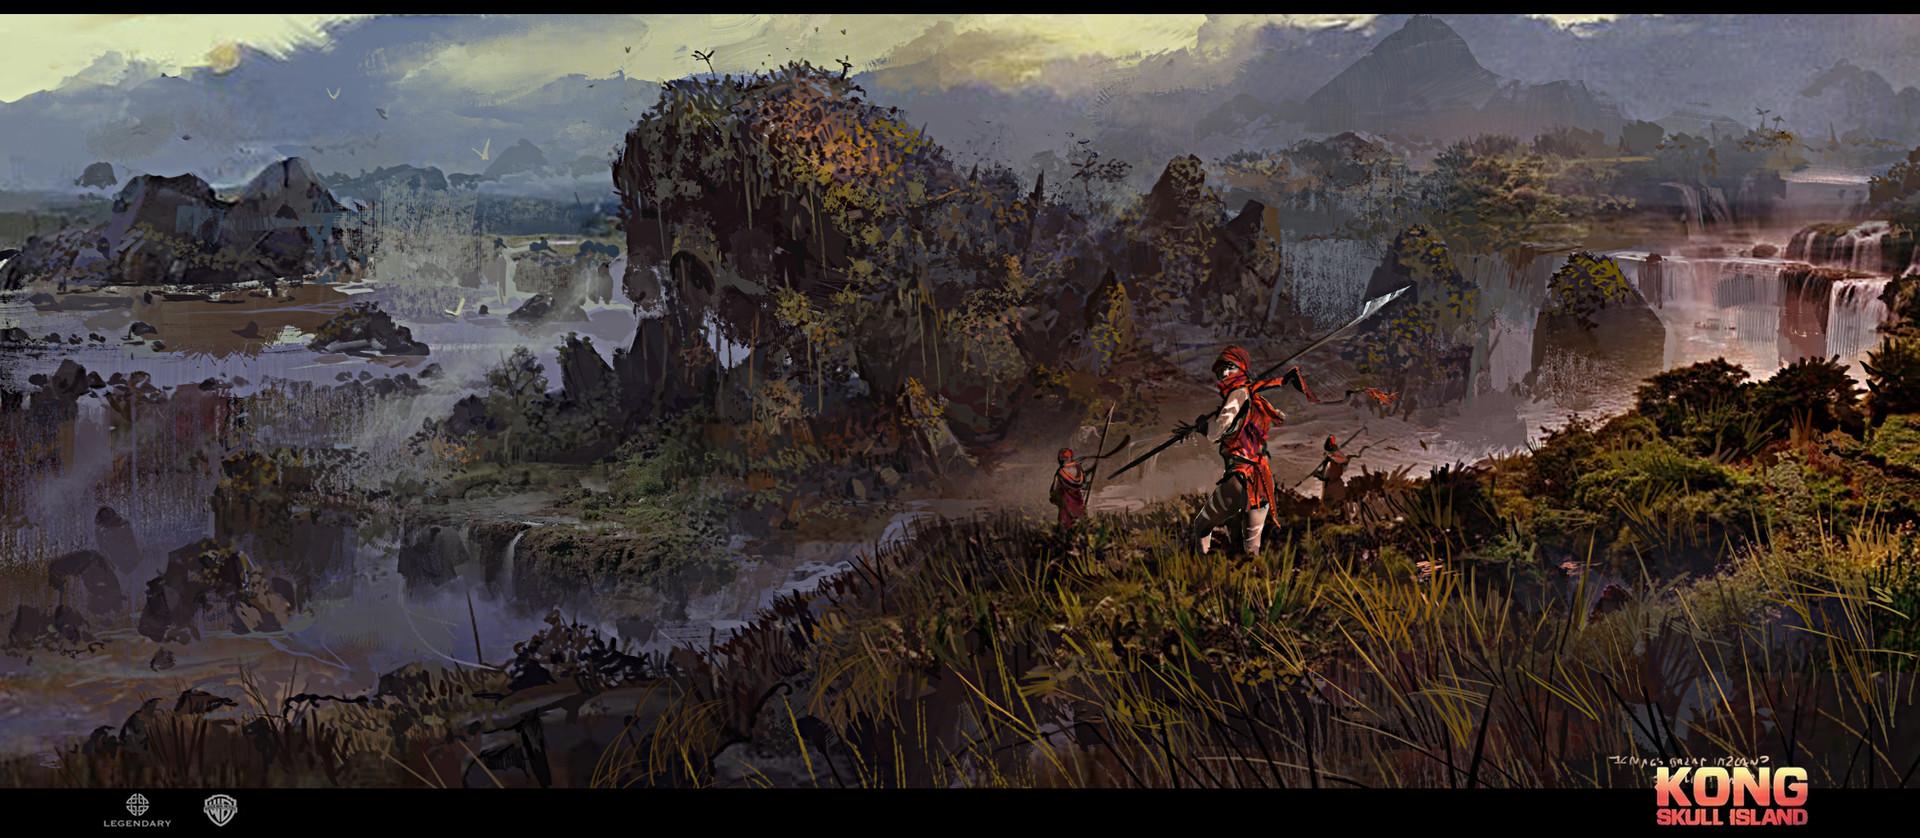 Фантастические миры: Ignacio Bazan-Lazcano